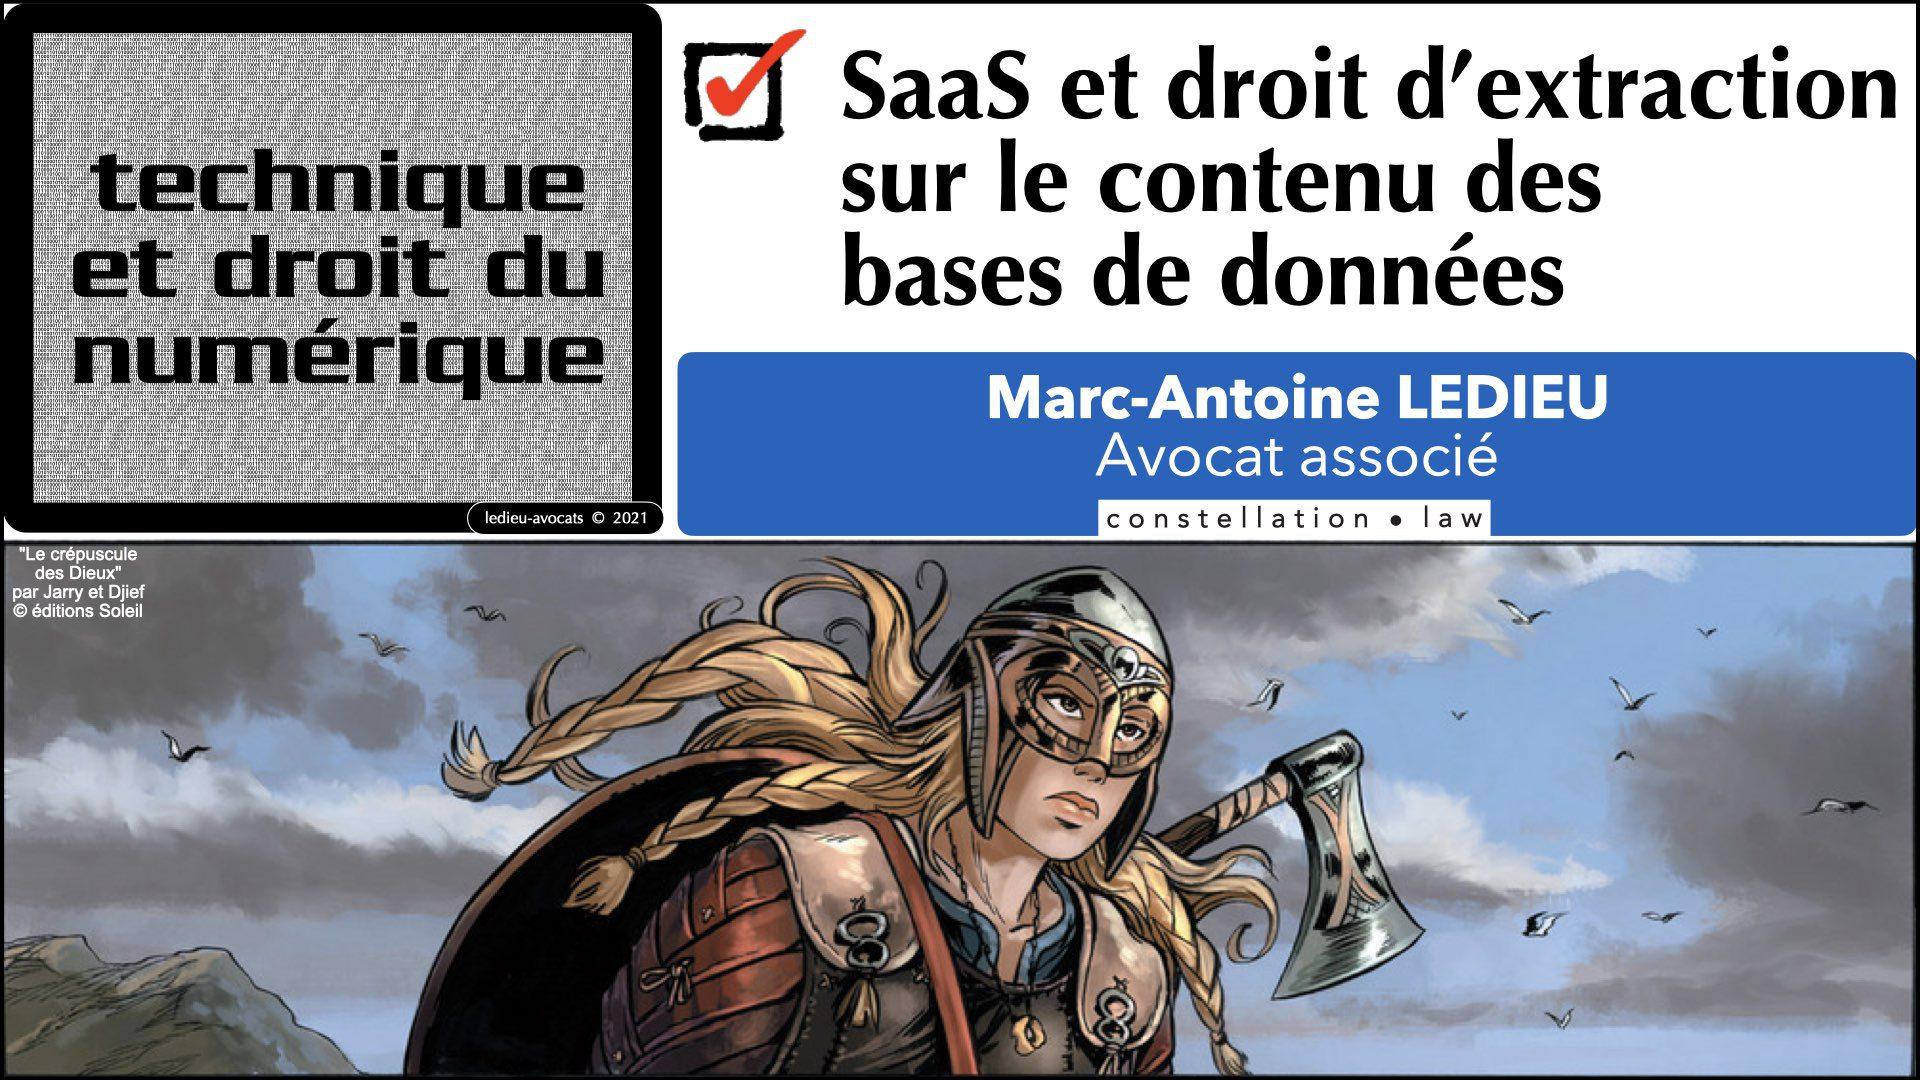 GENERIQUE technique et droit du numérique le blog en BD © Ledieu-Avocats 08-2021.042